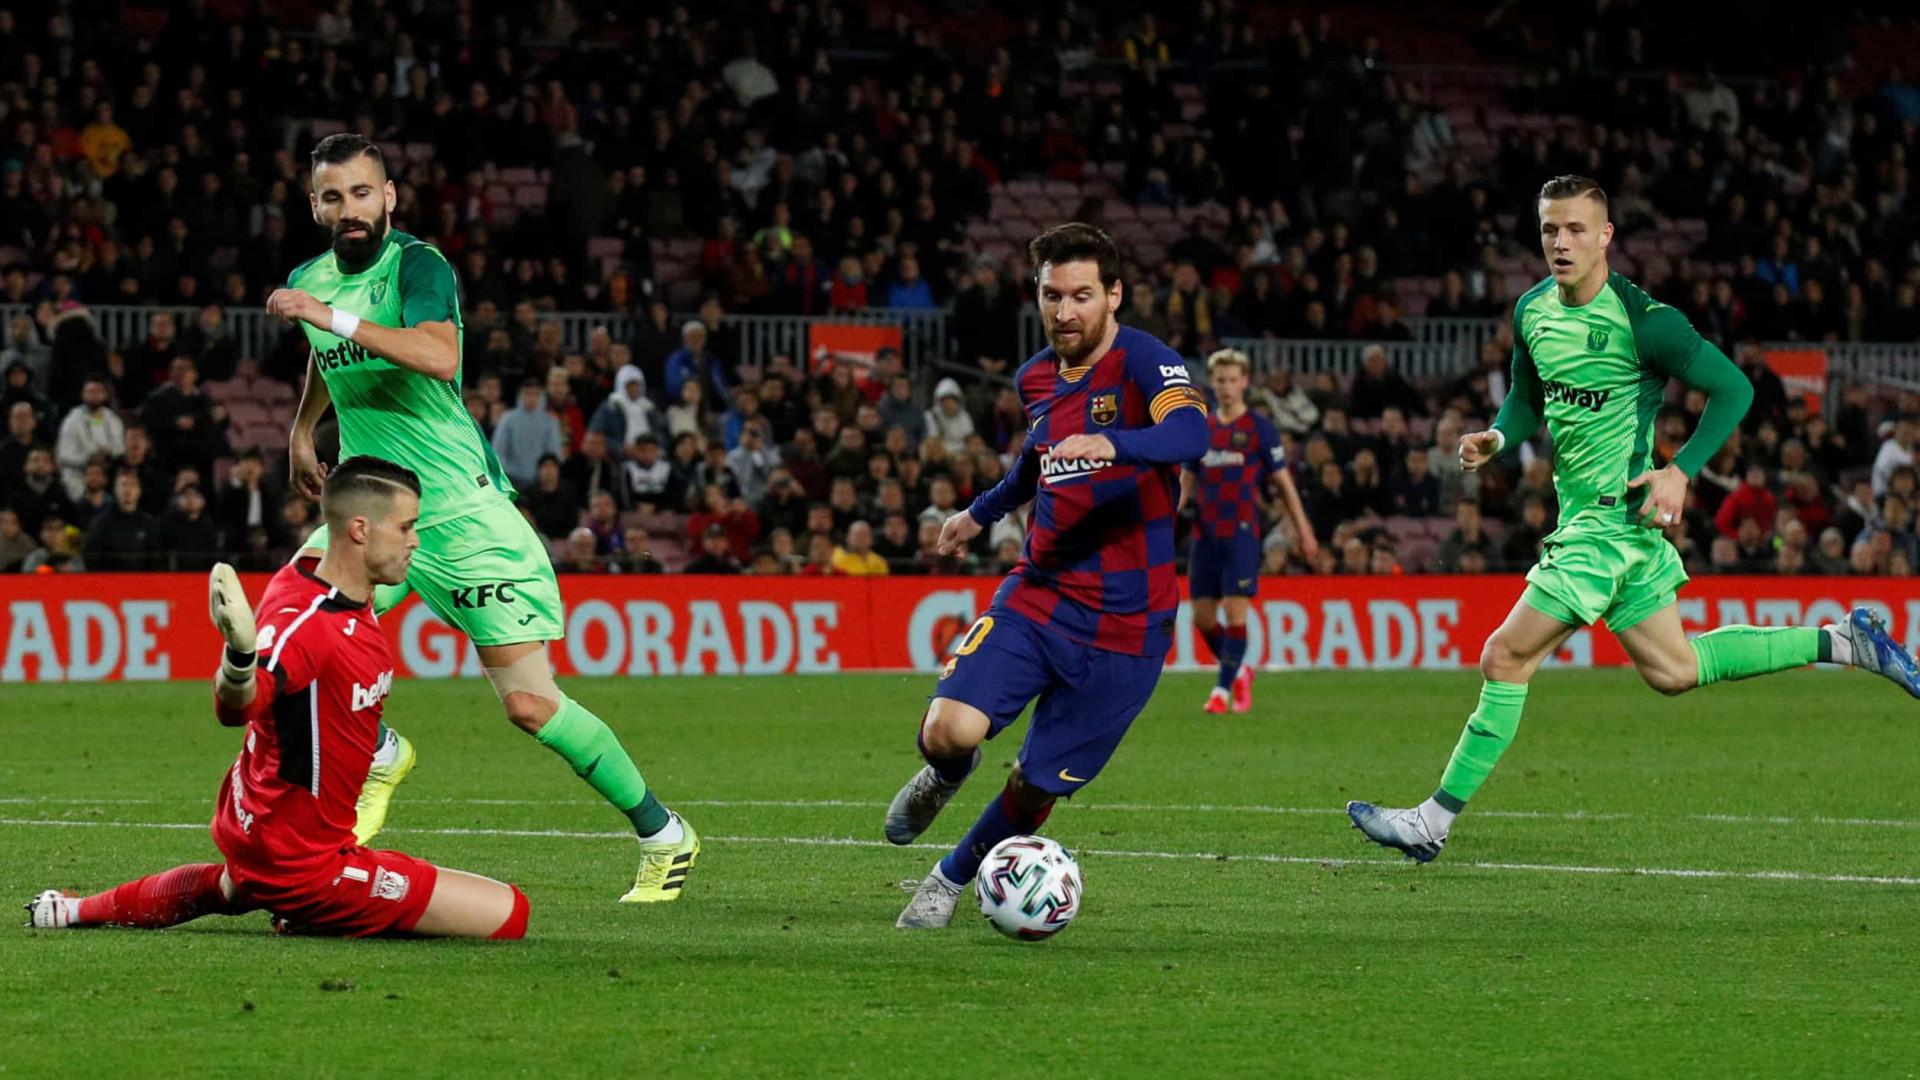 Com brilho de Messi e gol de Arthur, Barcelona goleia na Copa do Rei